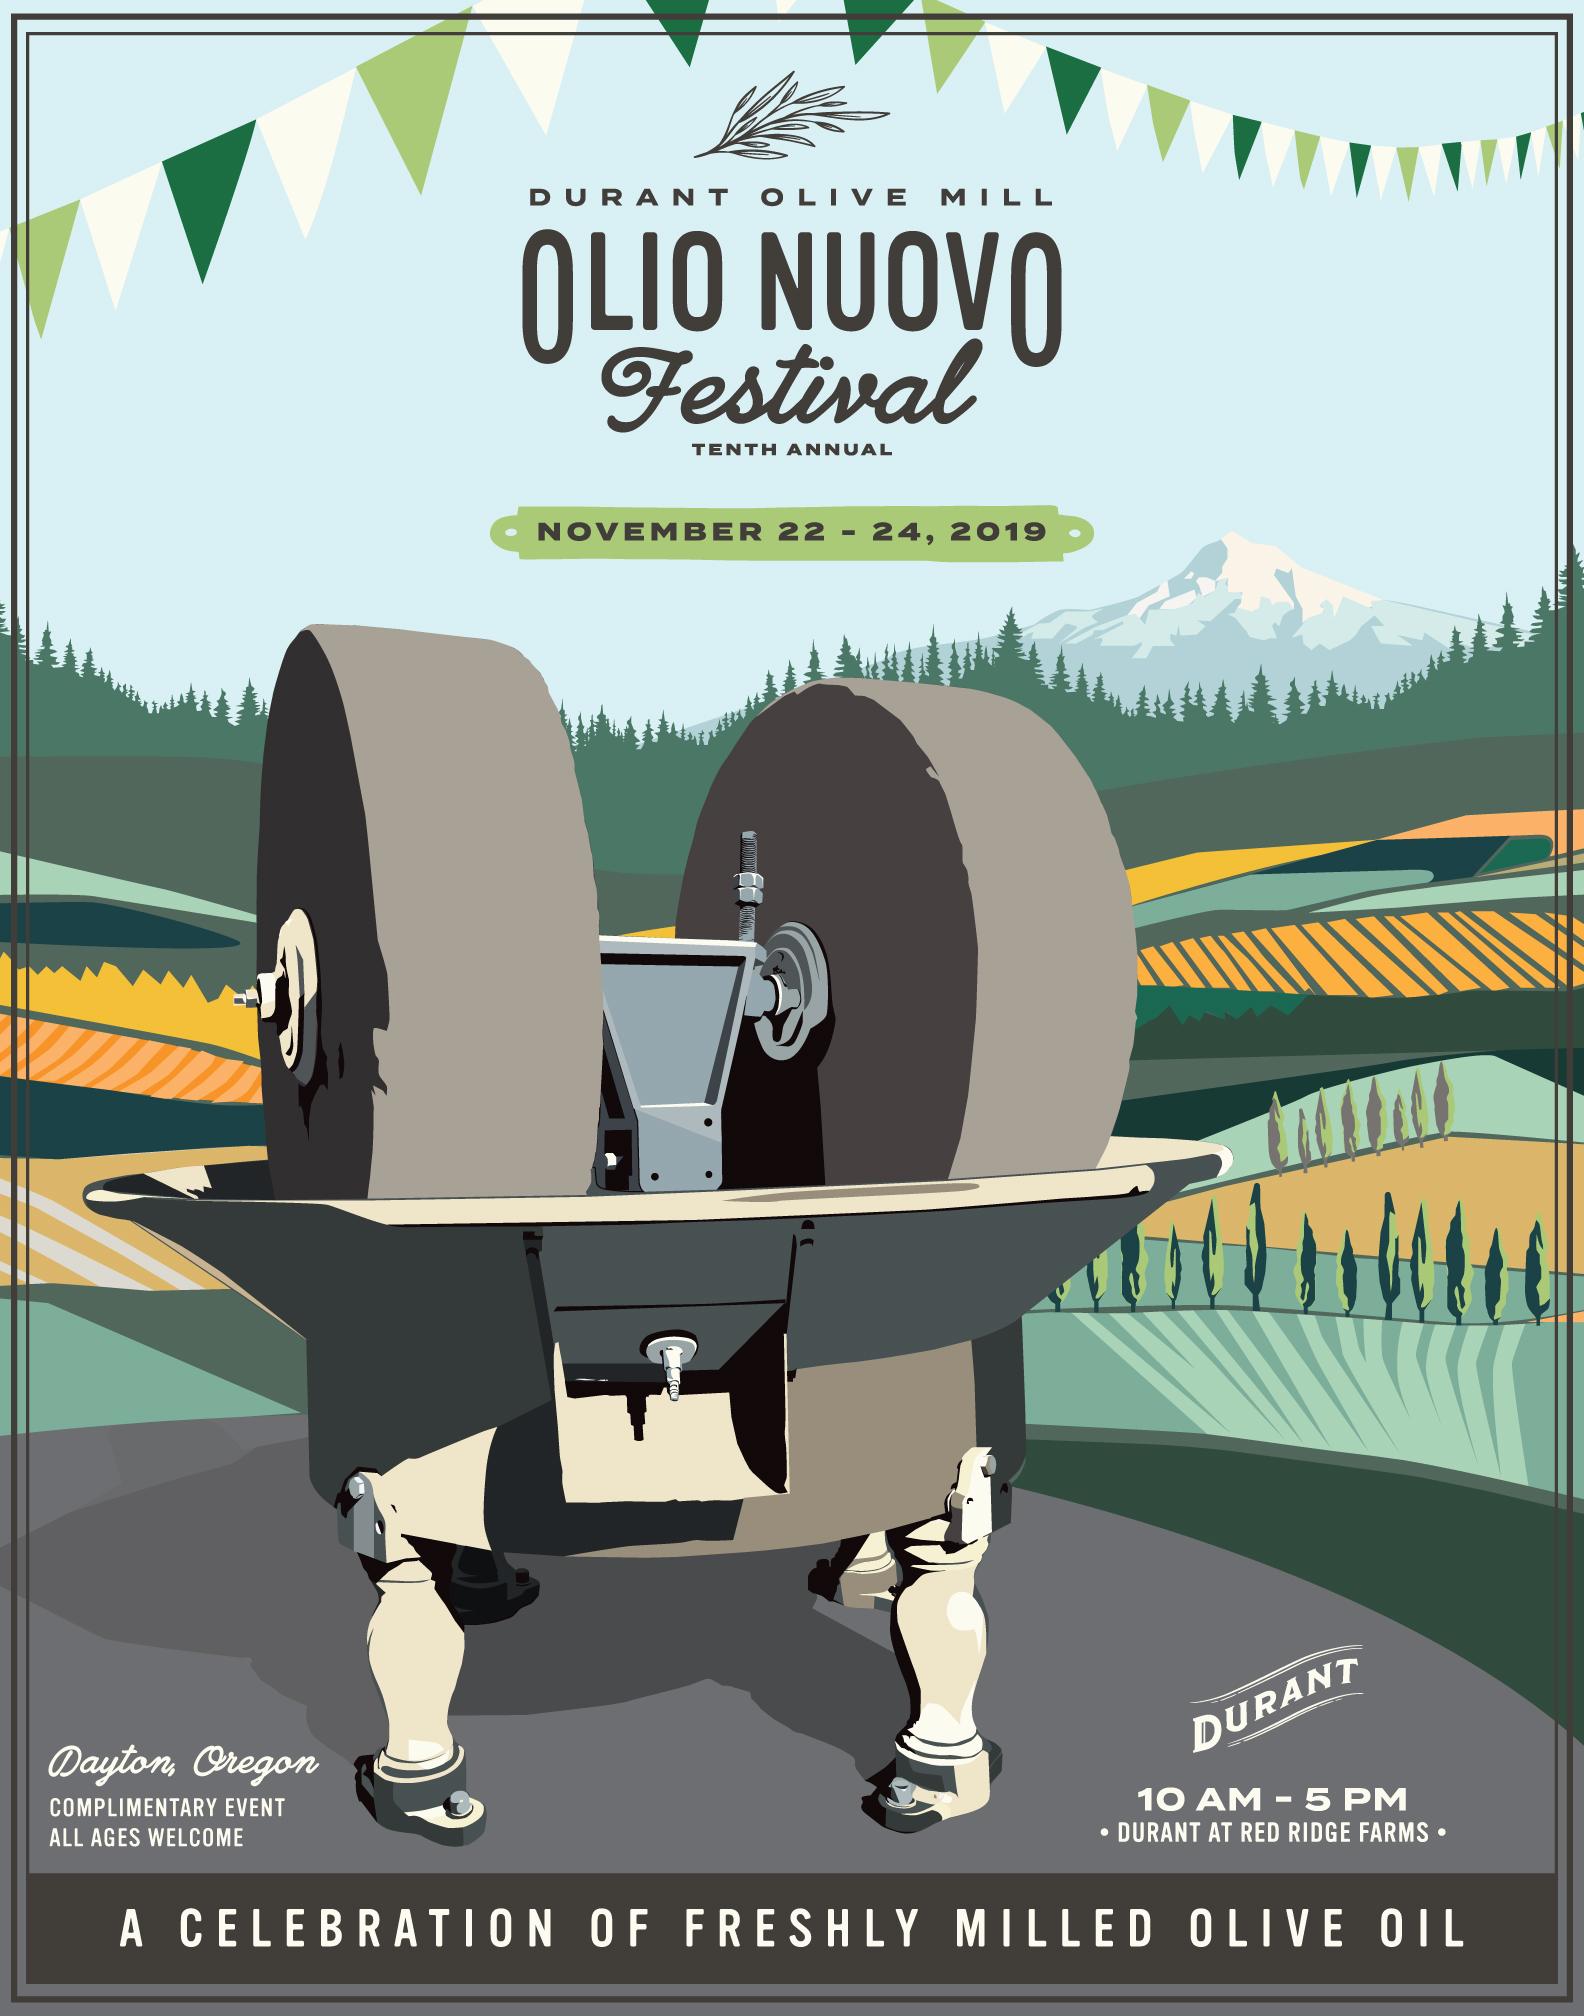 Olio Nuevo Festival Dayton Oregon